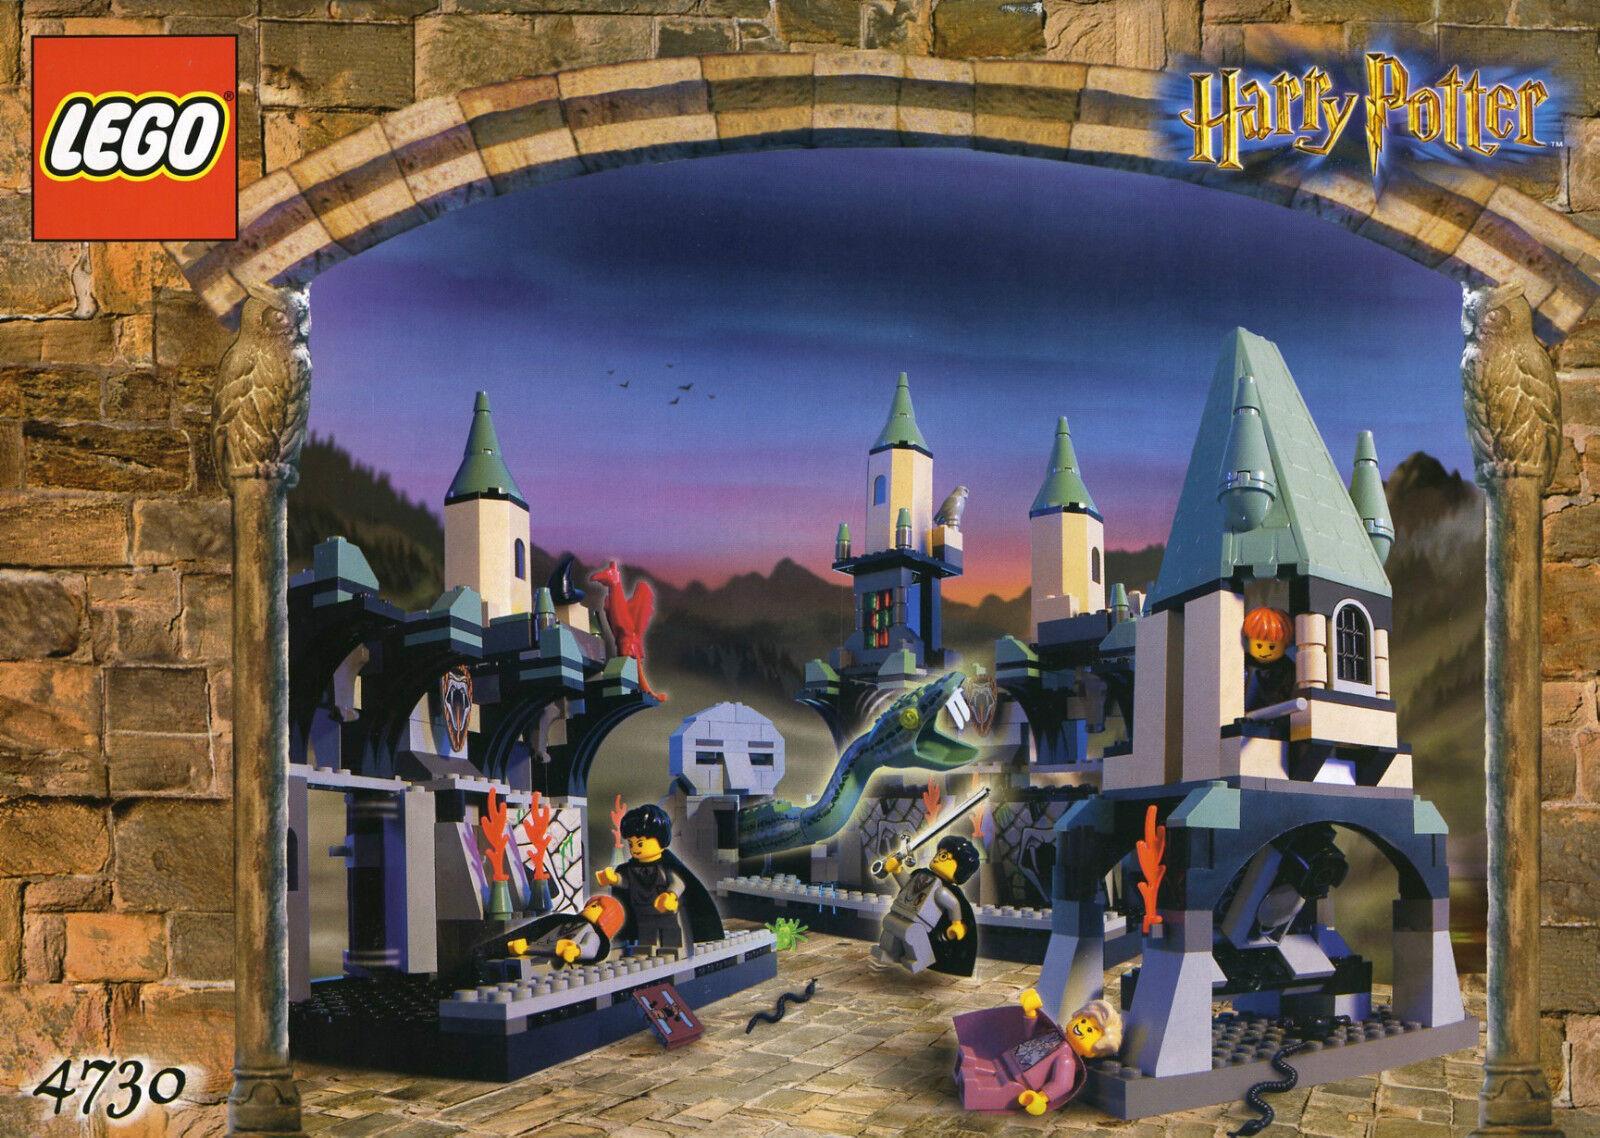 grande sconto LEGO 4730 - HARRY POTTER - - - The Chamber of Secrets - 2002 - NO scatola  qualità autentica